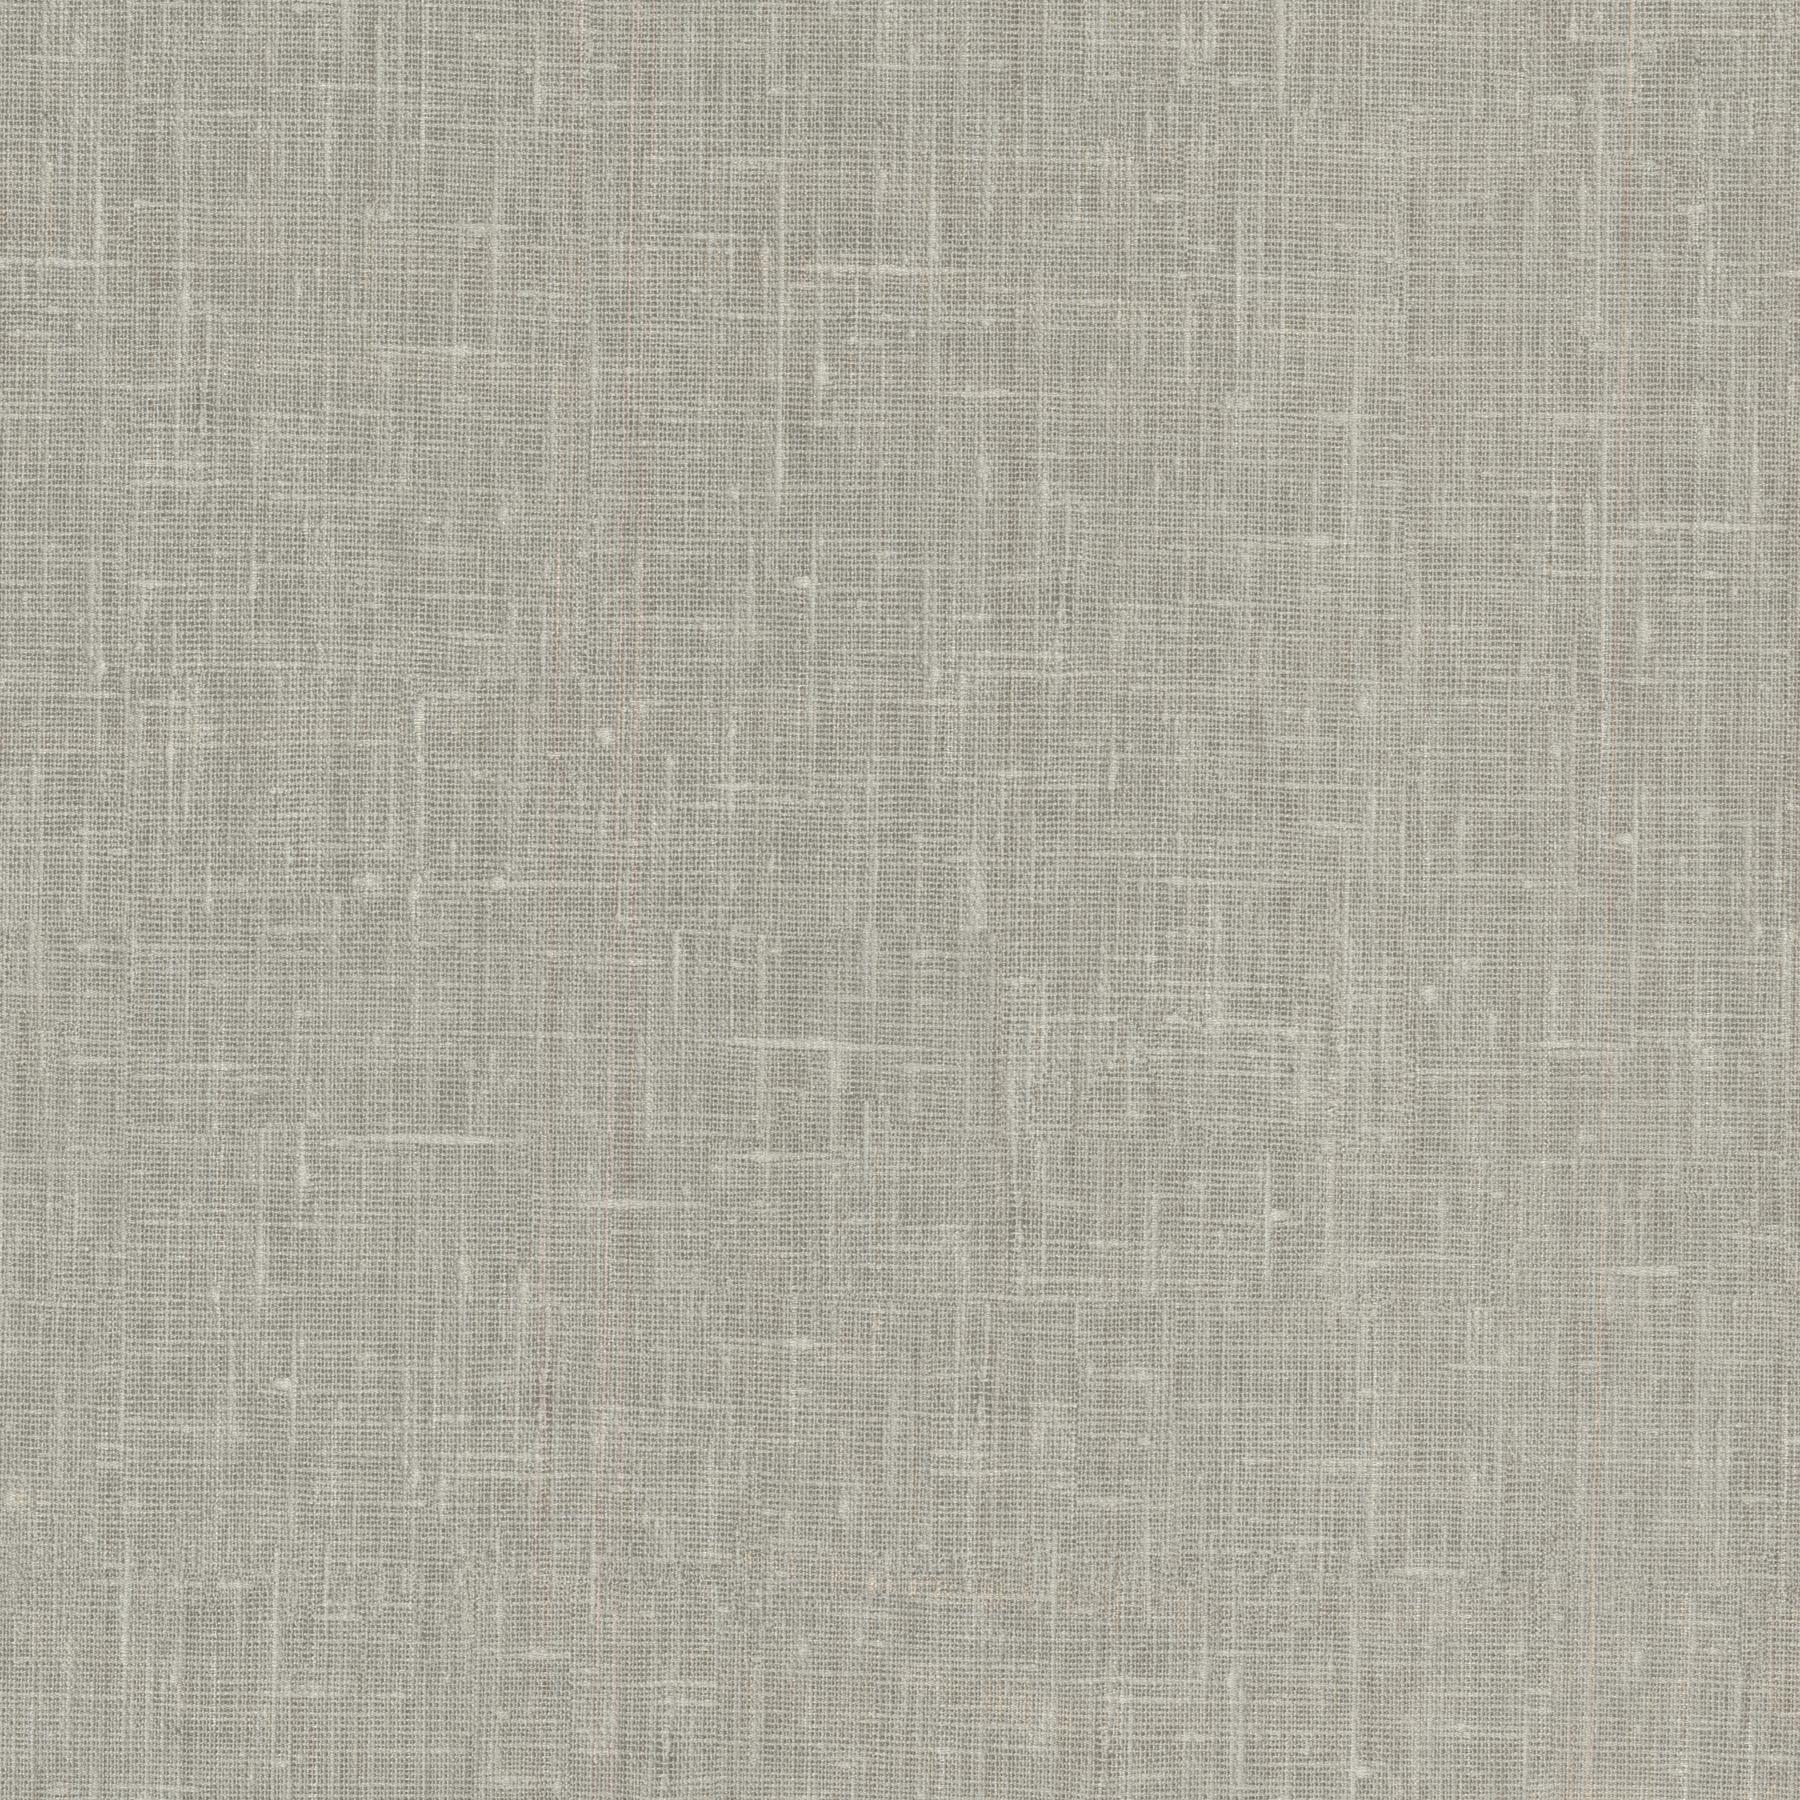 Brewster Wallpaper Linge Light Grey Linen Texture ...